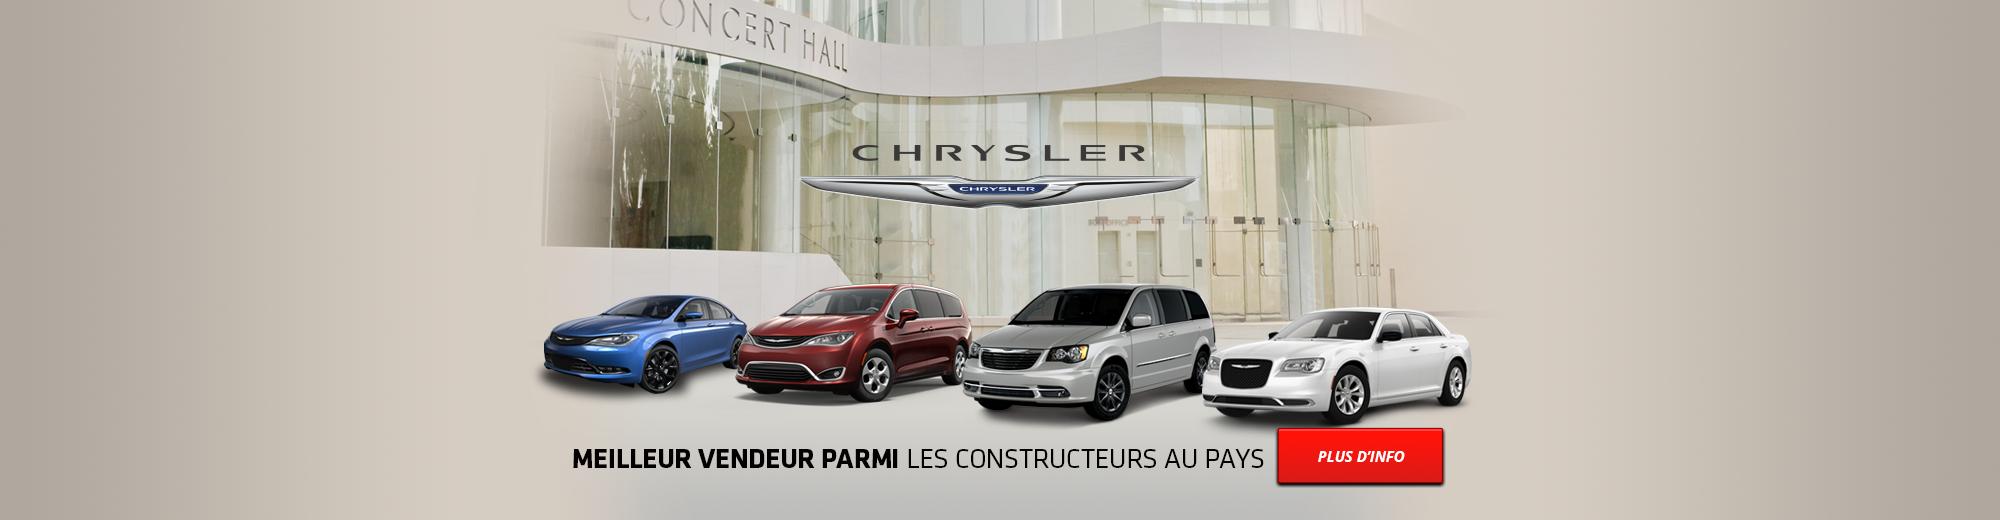 Chrysler | Meilleur vendeur parmi les constructeurs au pays